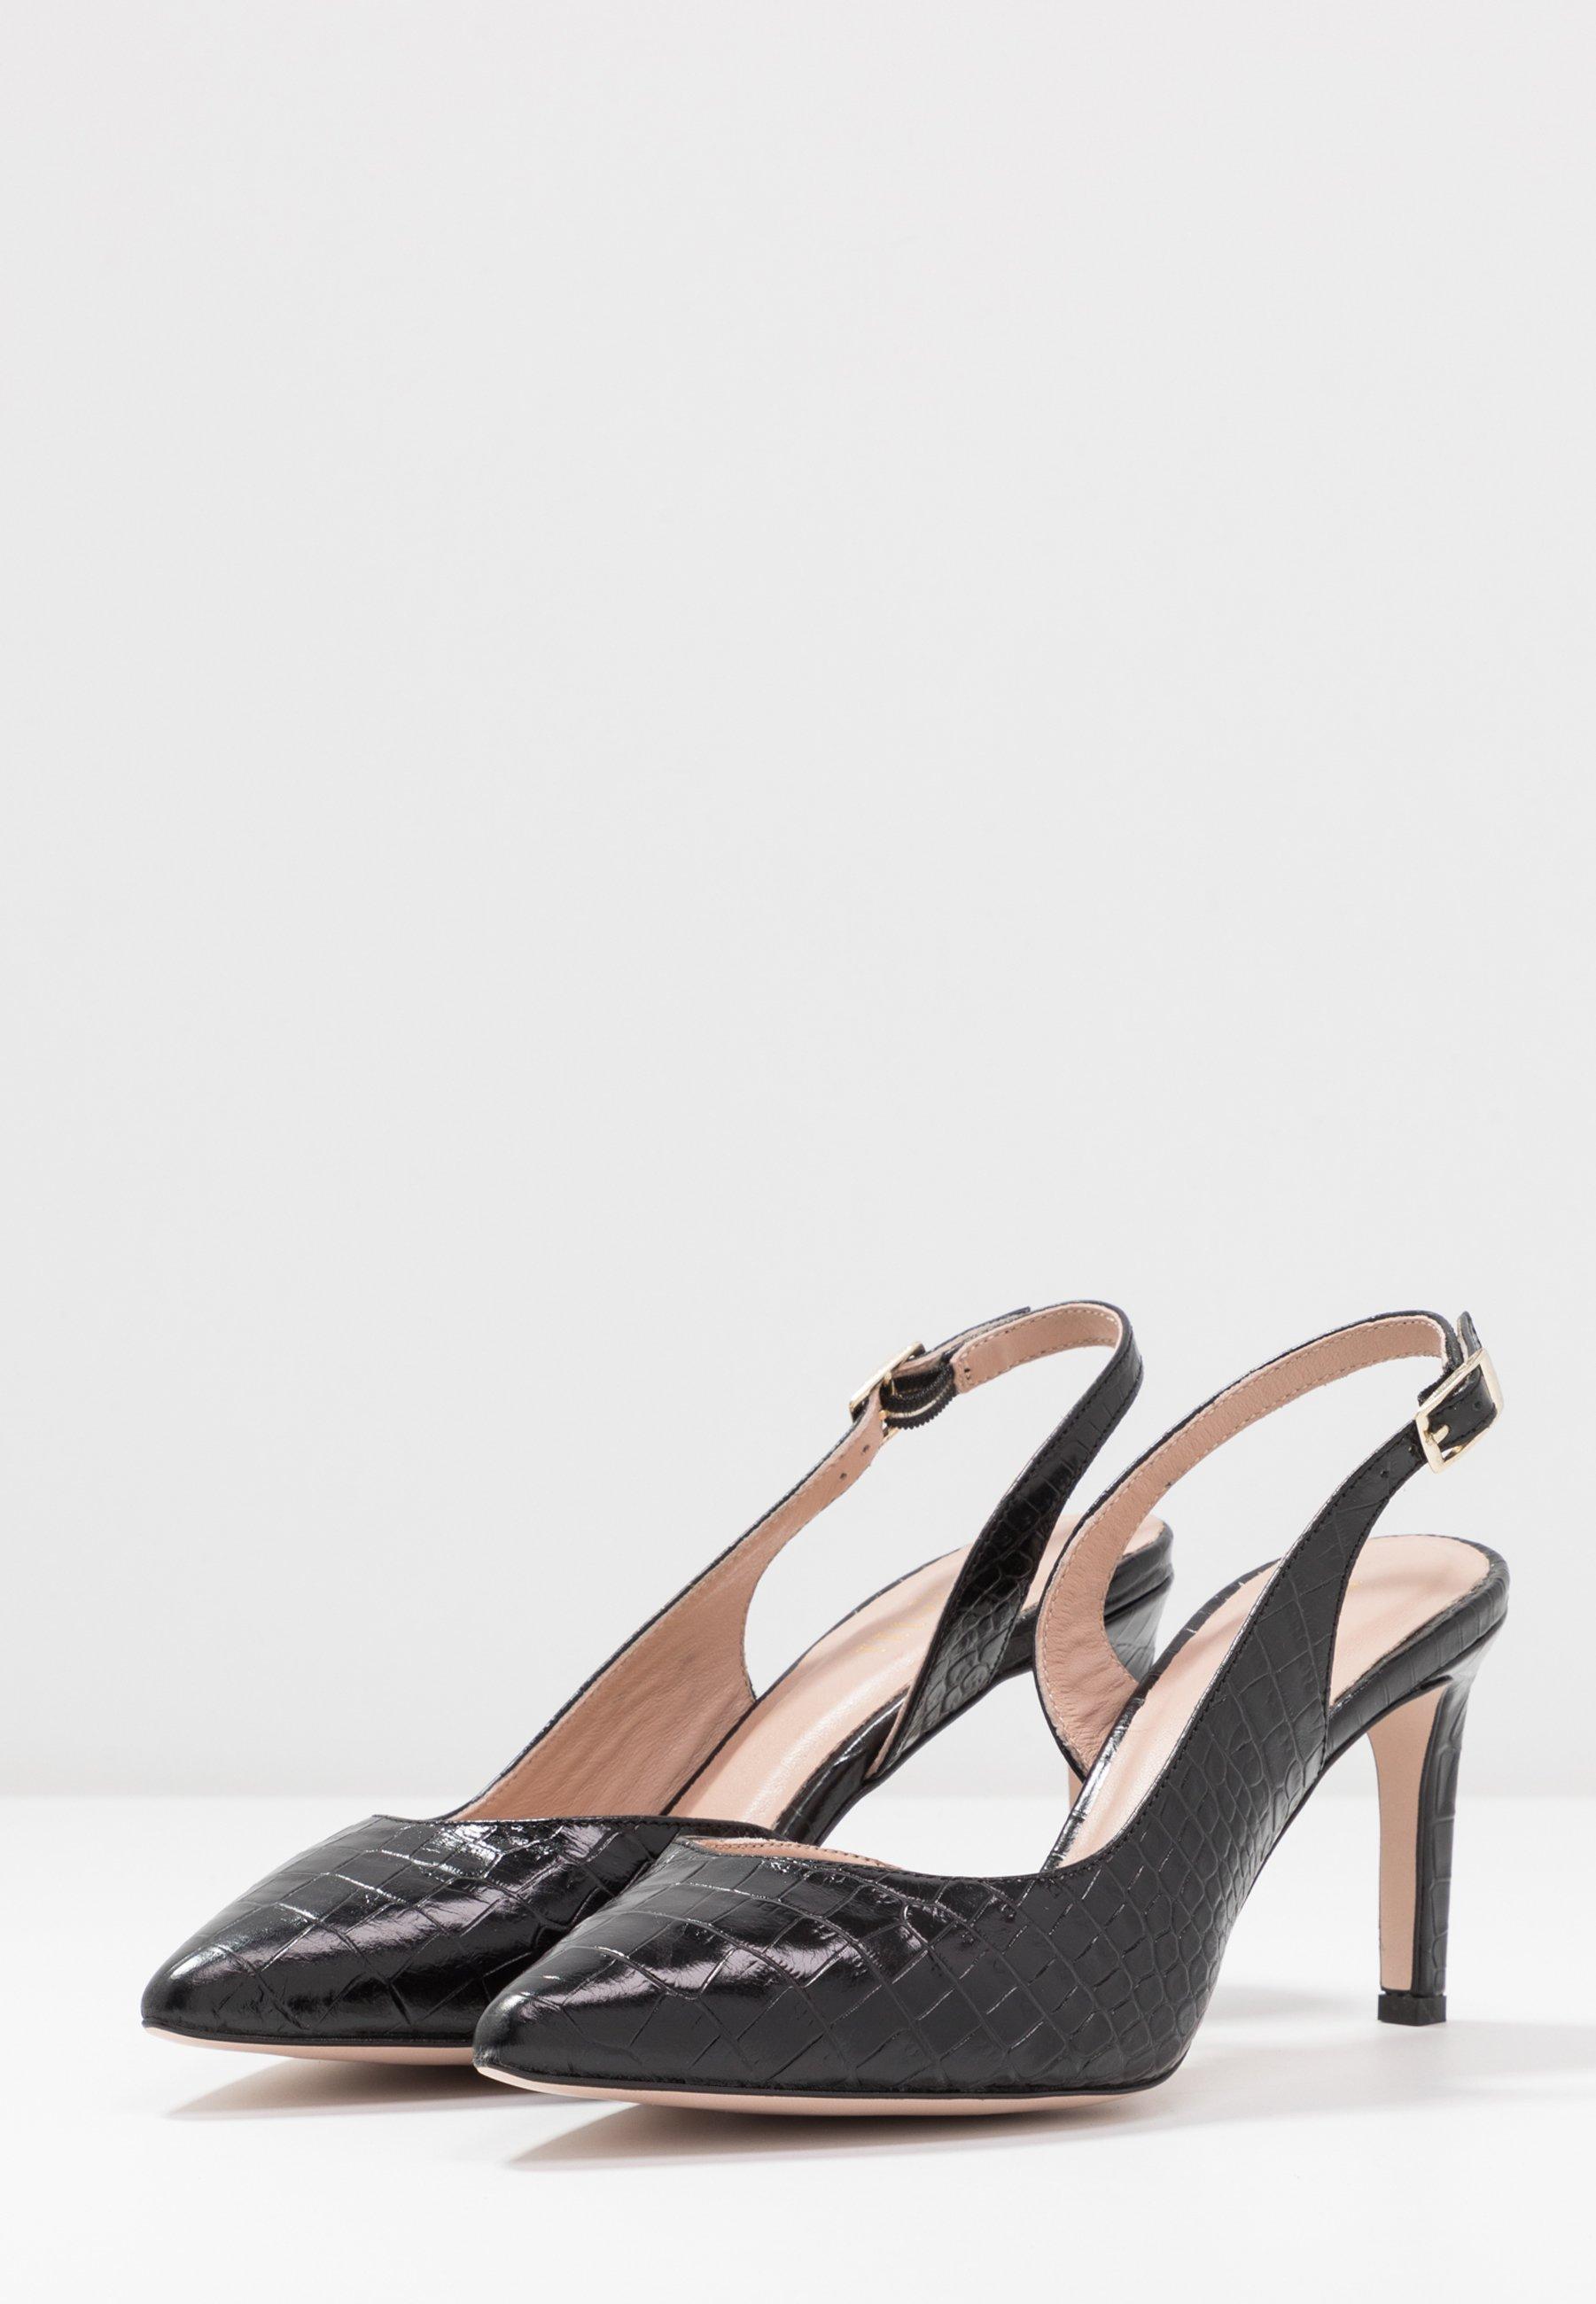 Minelli Escarpins à talons hauts - noir - Chaussures à talons femme Qualité